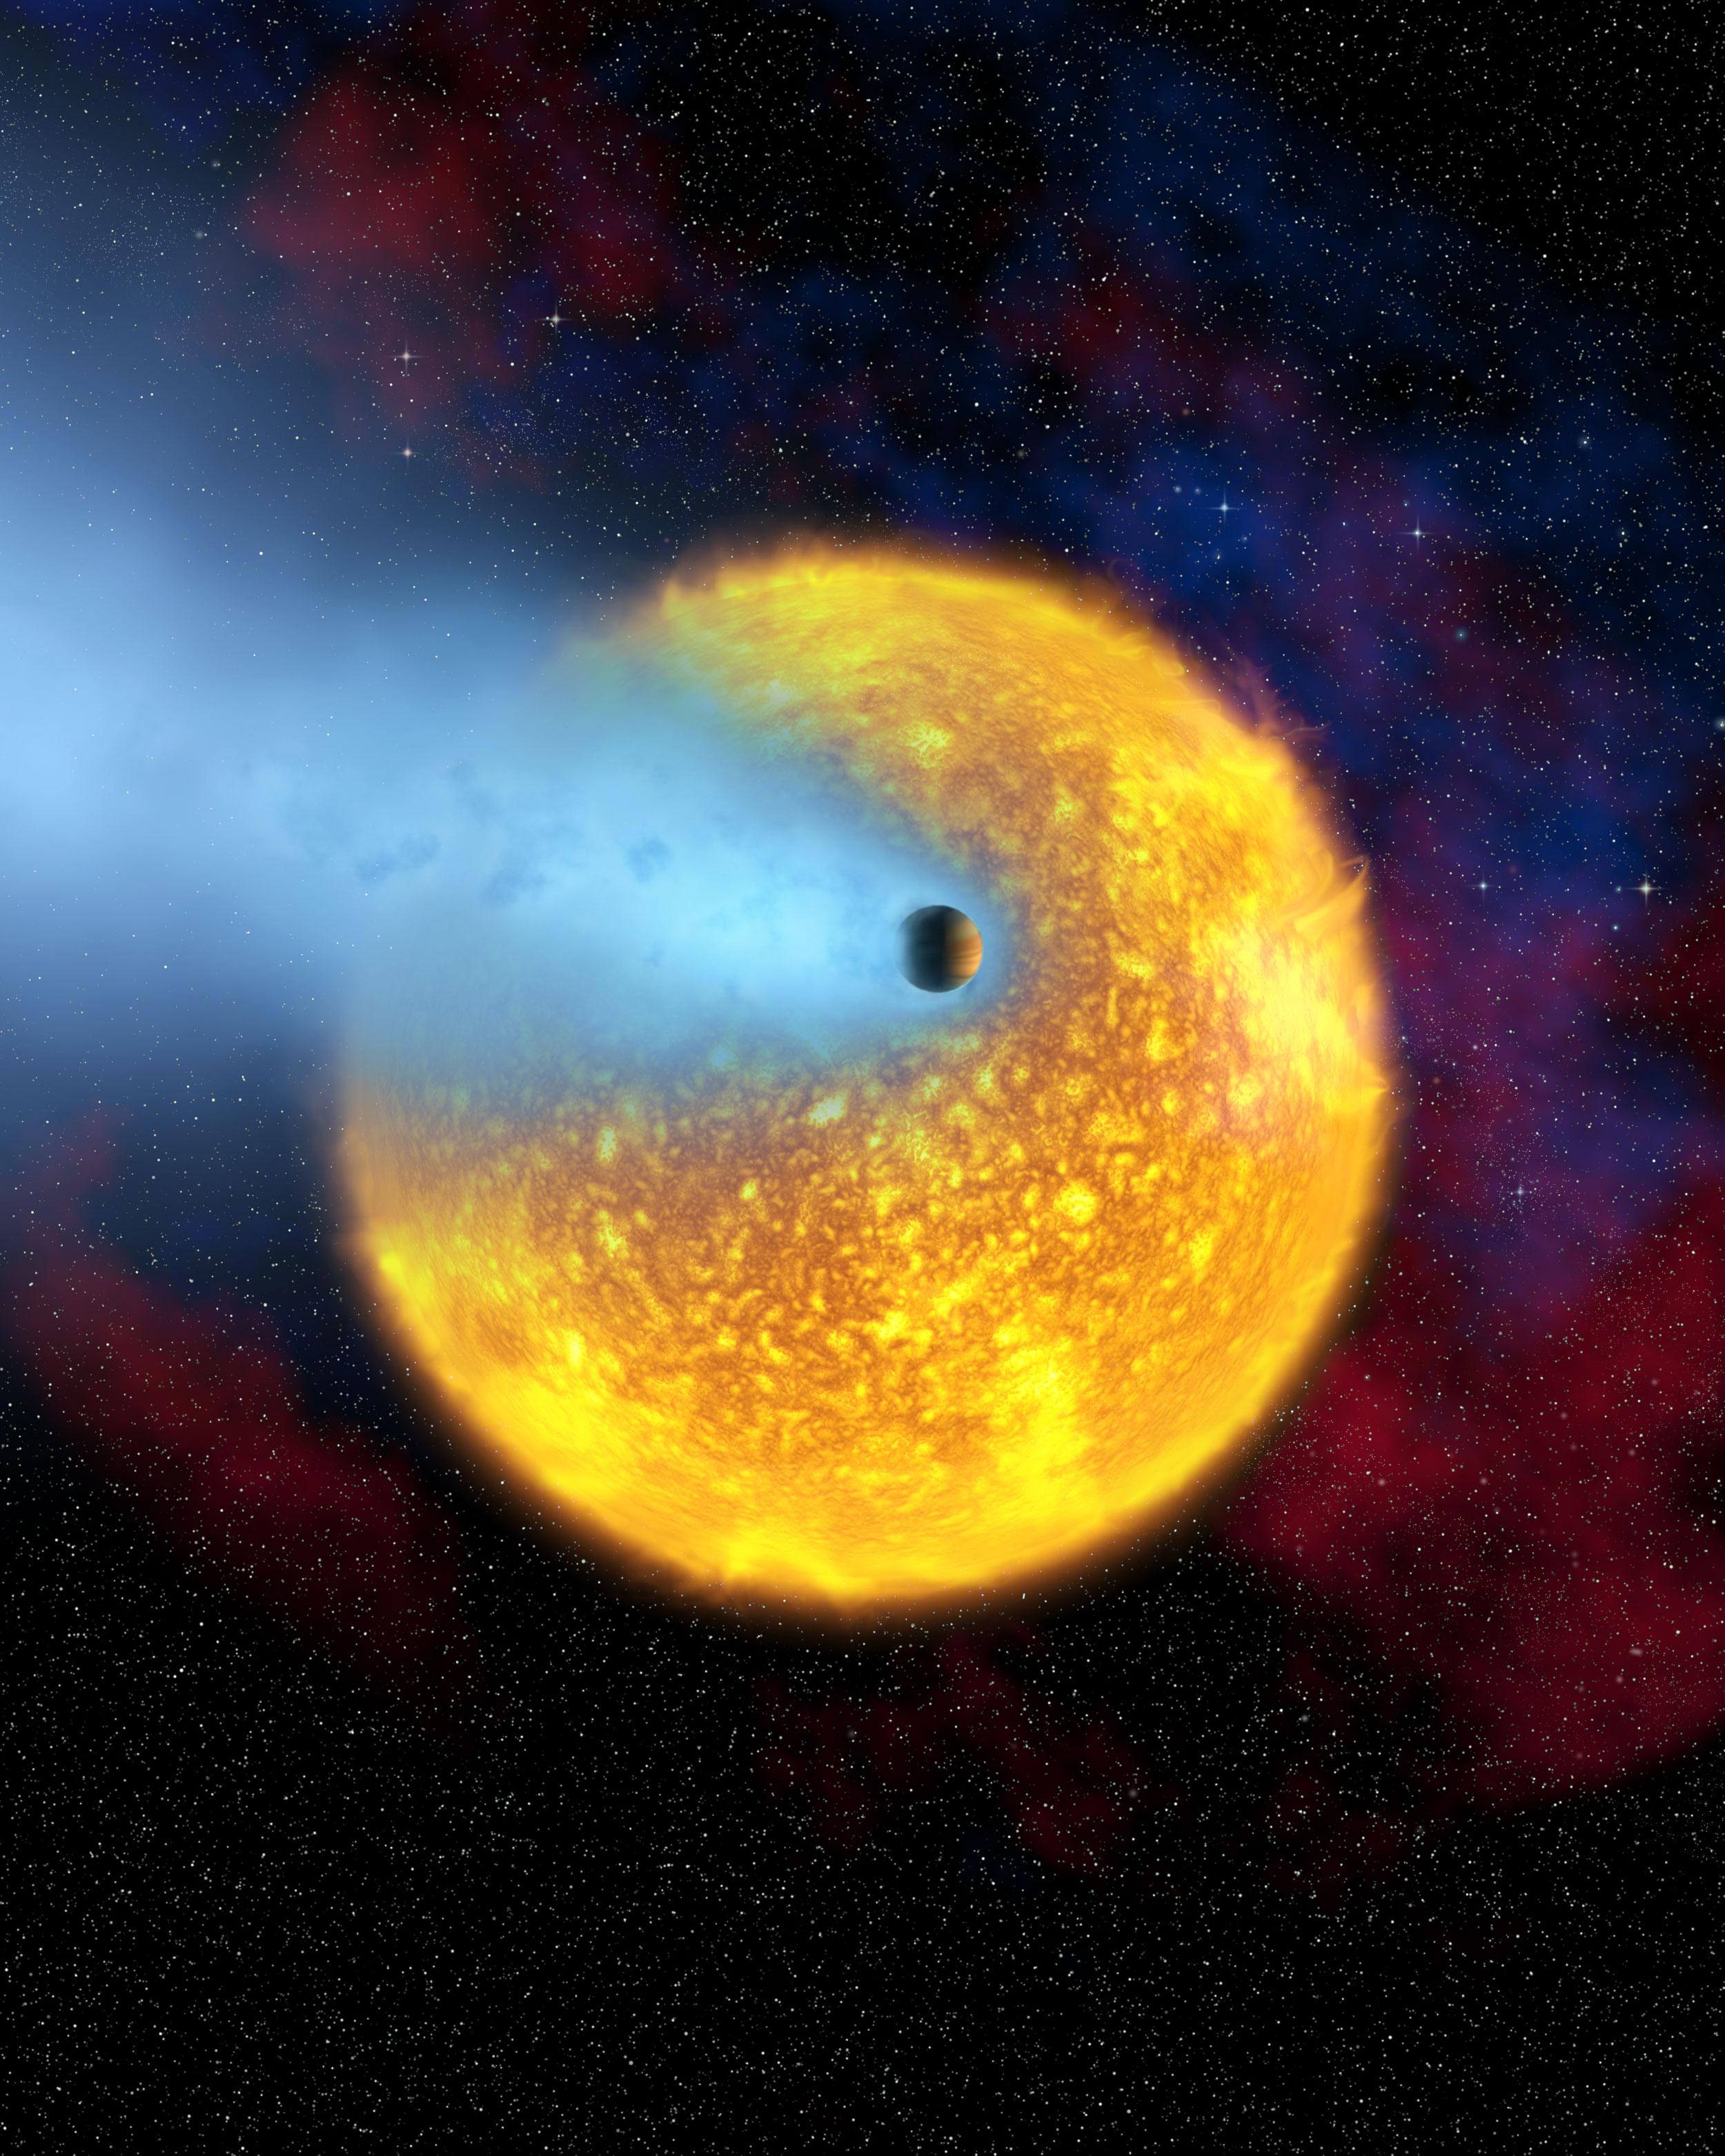 """Эту красавицу-экзопланету зовут HD 209458 b или Осирис. Теперь, обладая надлежащими знаниями иупорством, каждый сможет открыть (или хотя бы попытаться) неменее симпатичную планету. Источник: <a href=""""https://www.nasa.gov/feature/jpl/20-intriguing-exoplanets"""" target=""""_blank"""">НАСА</a>"""